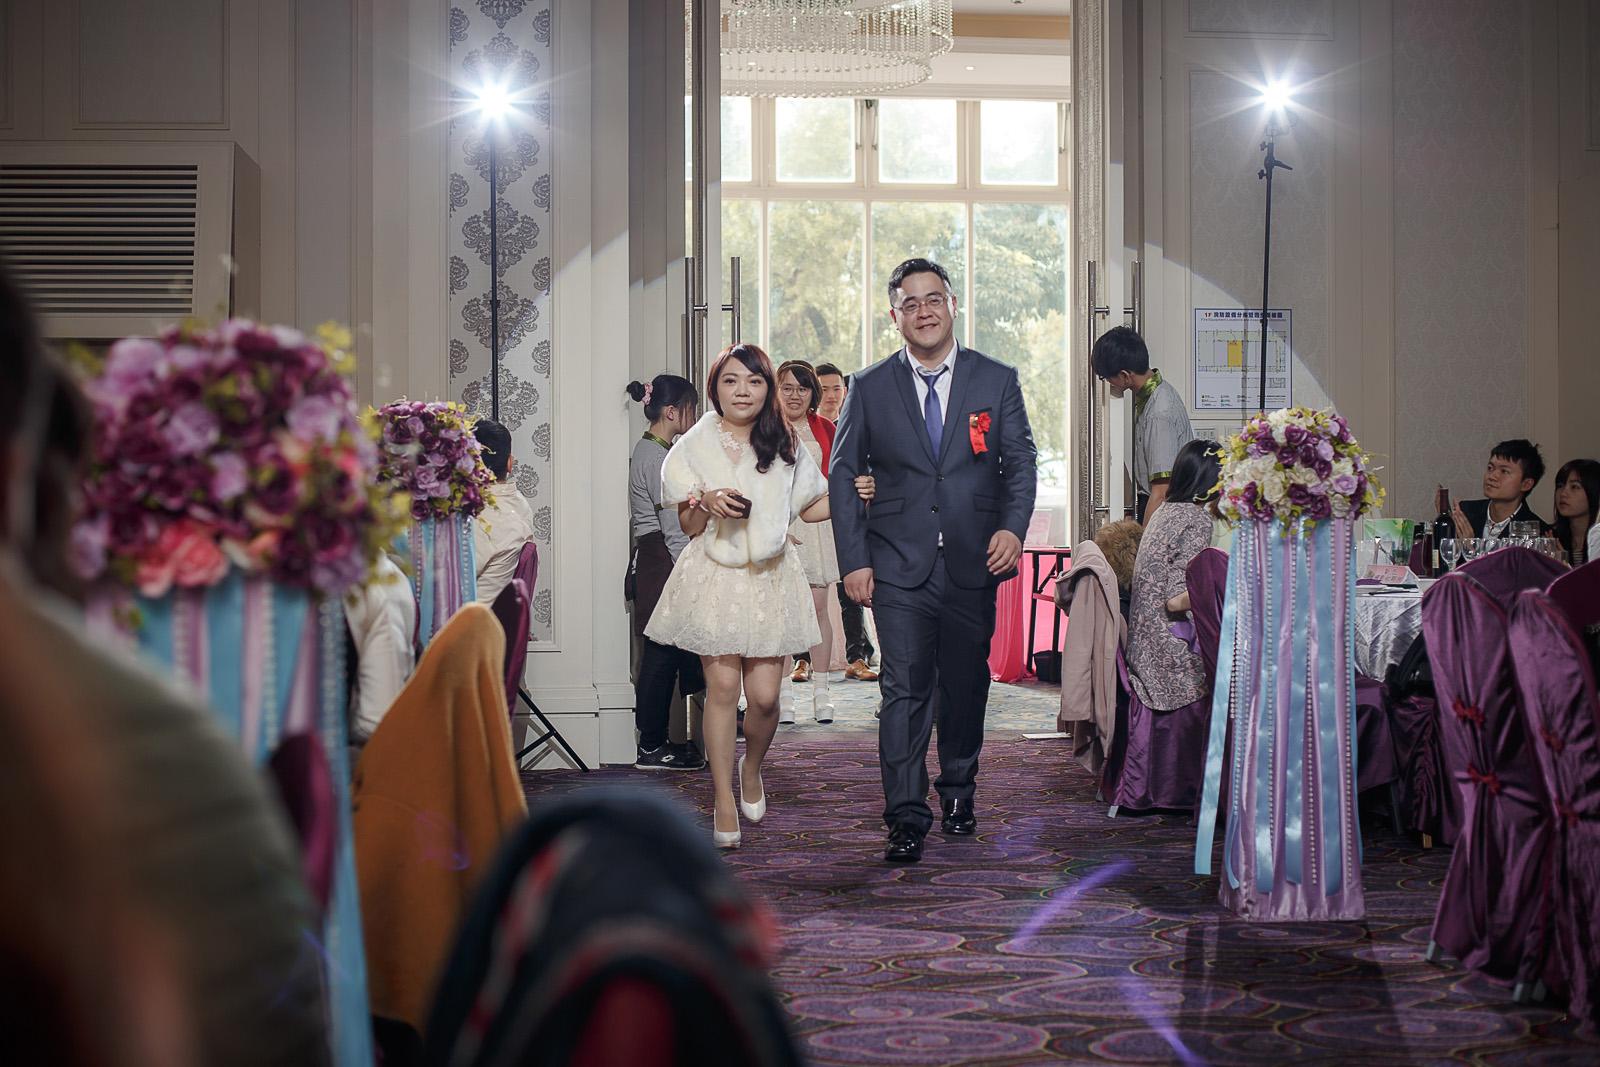 高雄圓山飯店,婚禮攝影,婚攝,高雄婚攝,優質婚攝推薦,Jen&Ethan-234